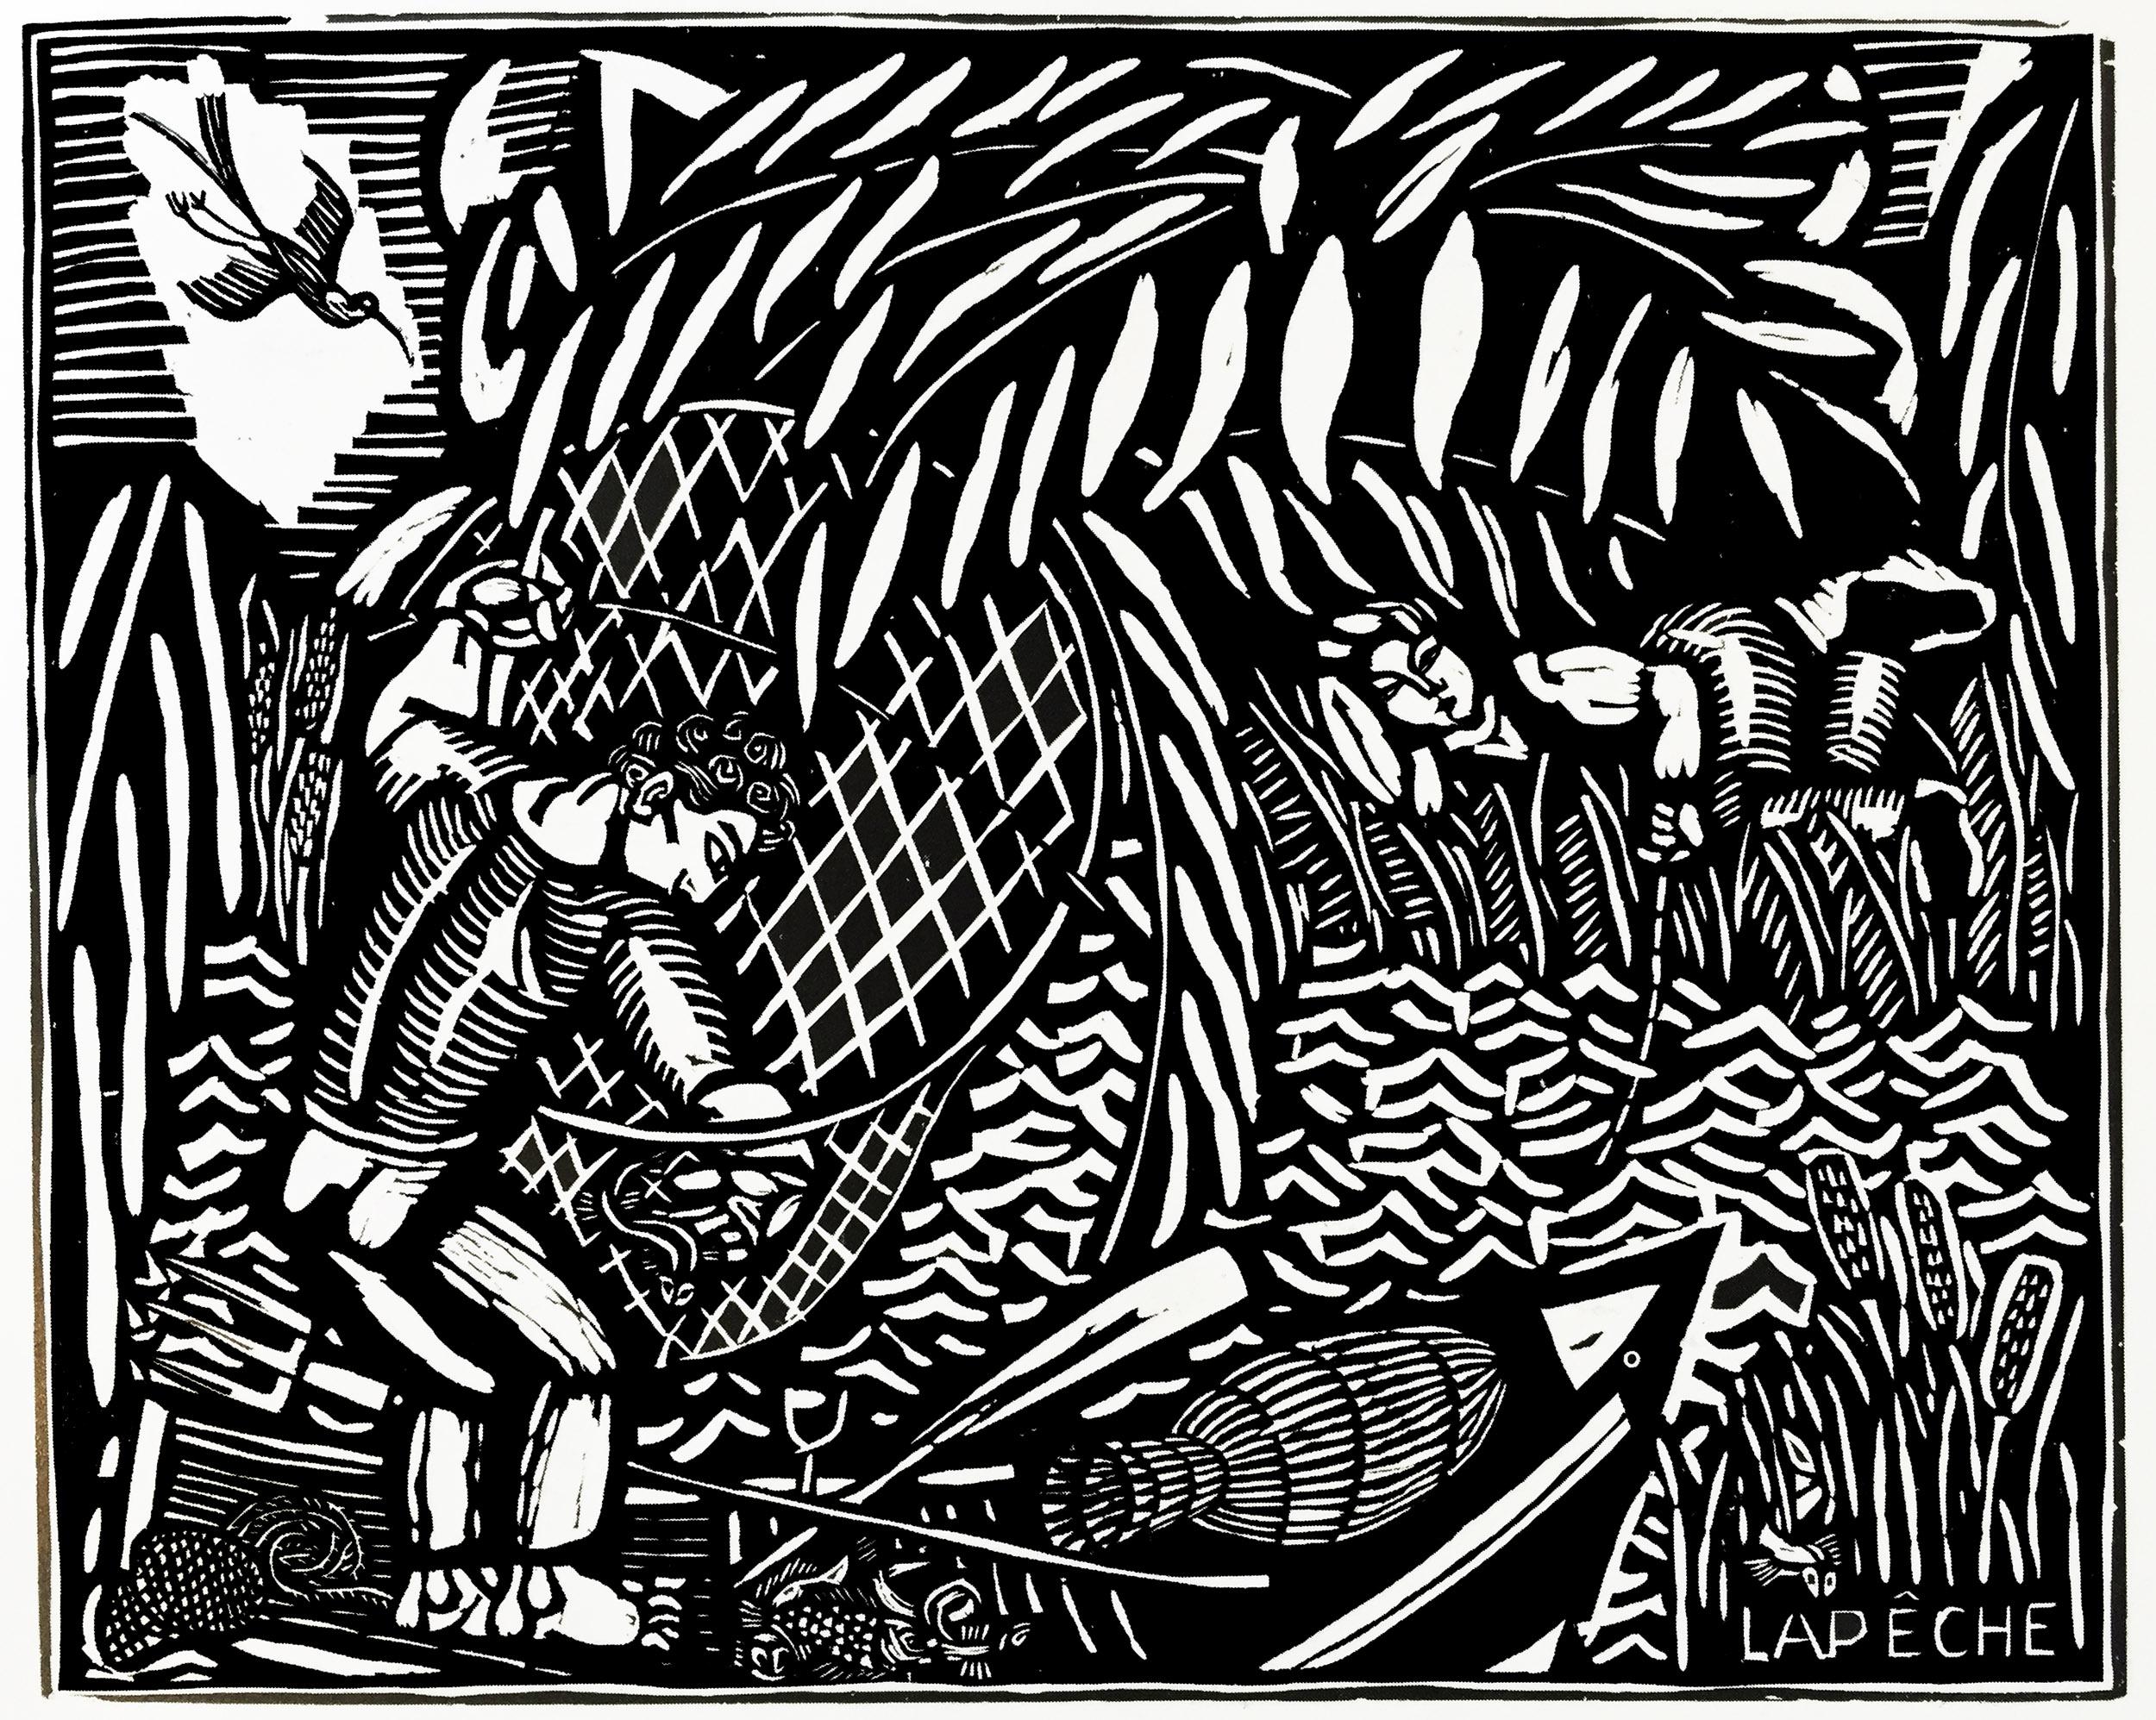 Coloriage créé à partir d'une gravure sur bois de style Art Déco de Raoul Dufy (La pêche - 1910)